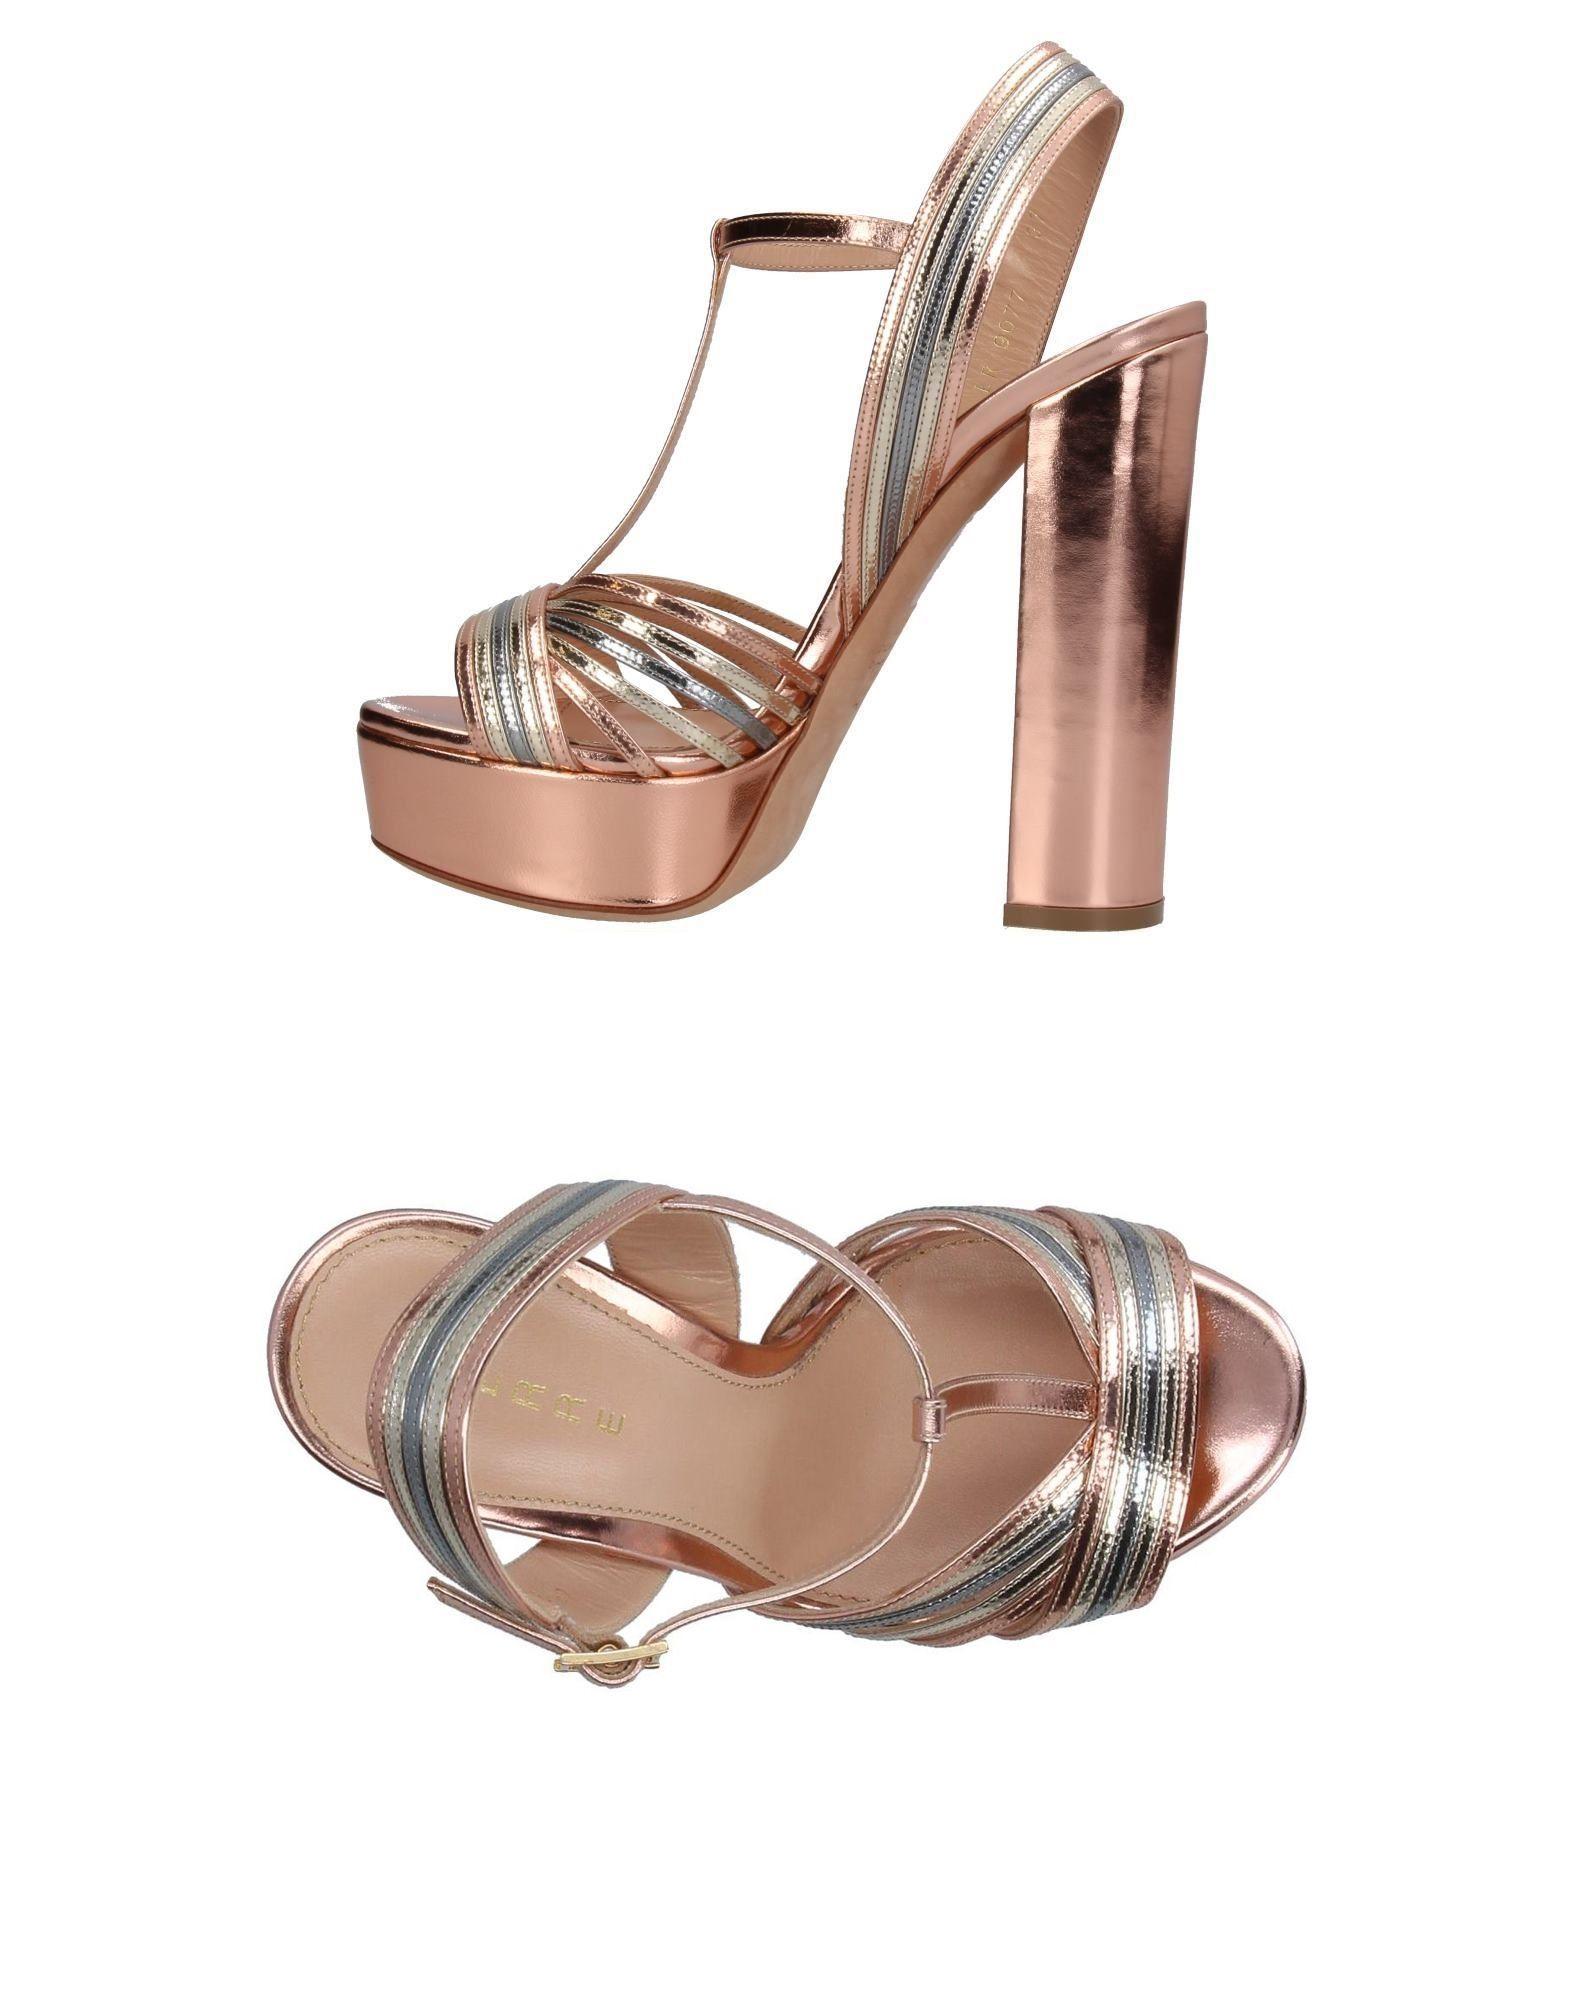 FOOTWEAR - Sandals Lerre 58BpIX51xX